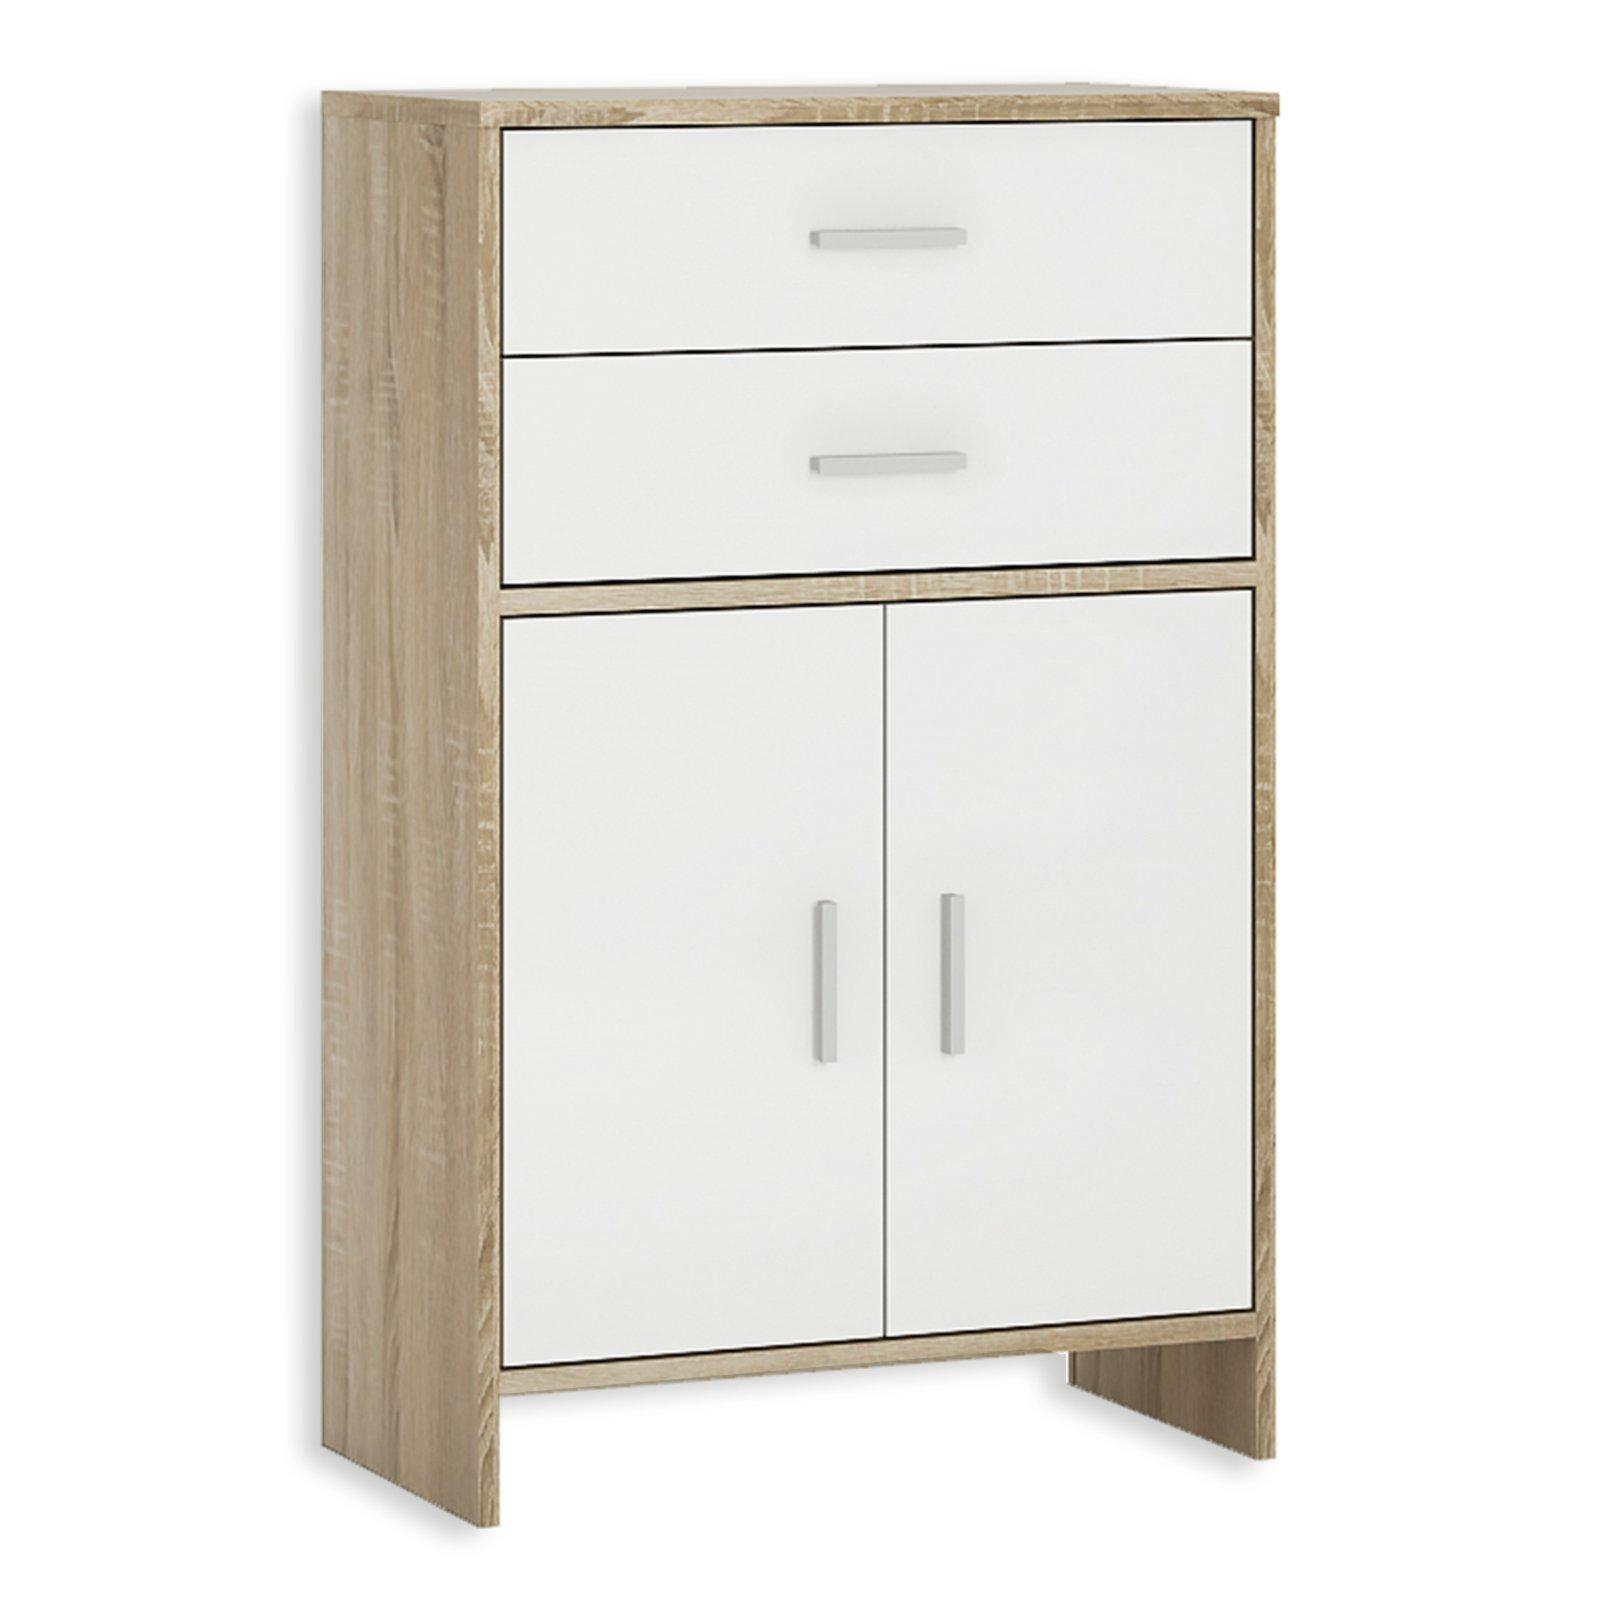 unterschrank lilly wei sonoma eiche 2 schubk sten 61 cm badezimmer hoch midischr nke. Black Bedroom Furniture Sets. Home Design Ideas